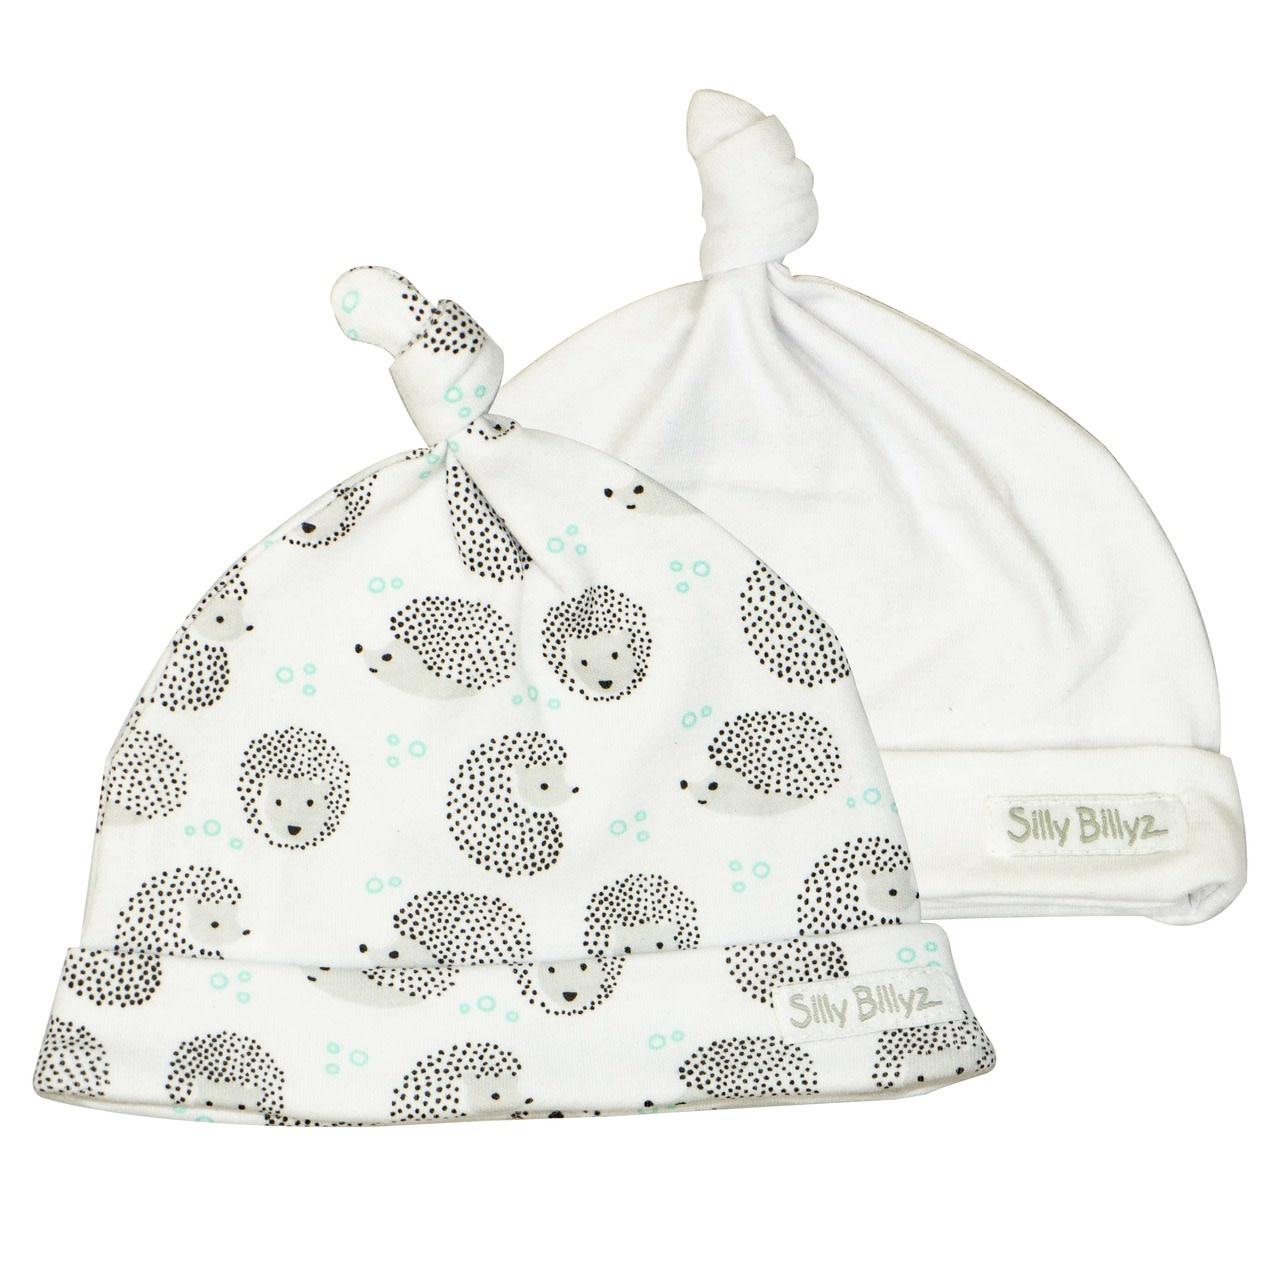 Silly Billyz Silly Billyz Jersey Baby Hats 2pk